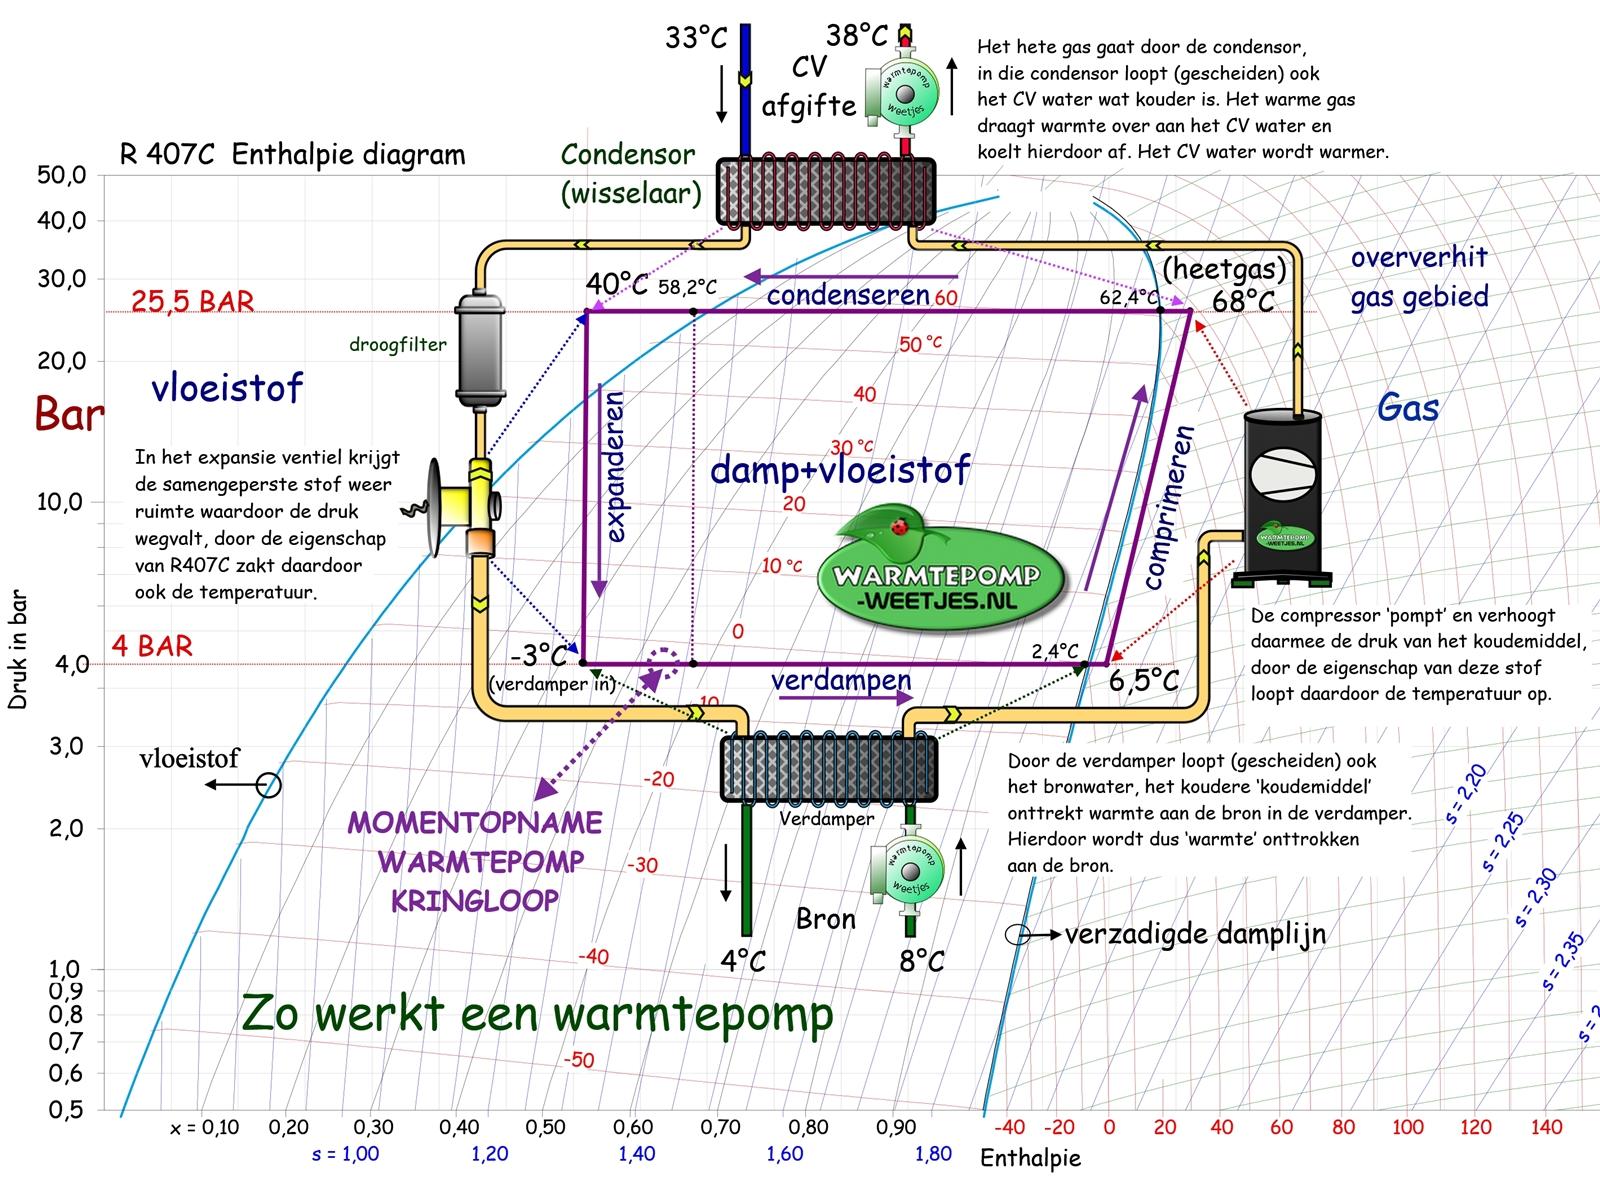 zo werkt een warmtepomp entalphie diagram kringloop